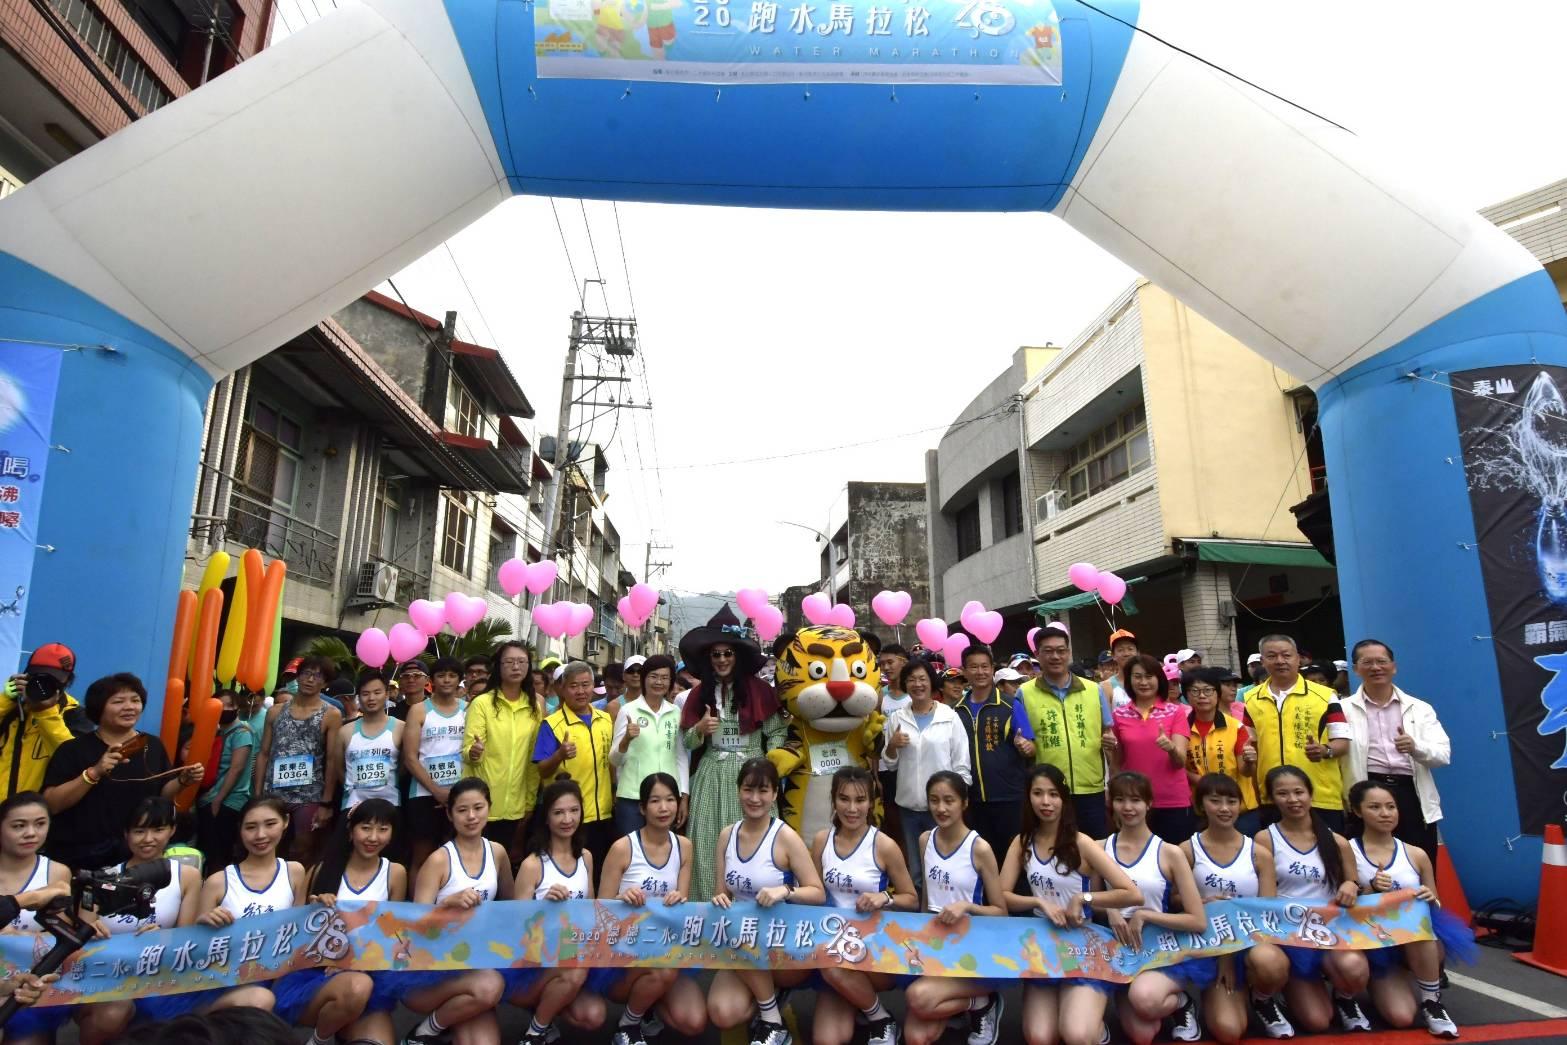 彰化縣政府唯一水陸合一馬拉松「戀戀二水 跑水馬拉松」登場